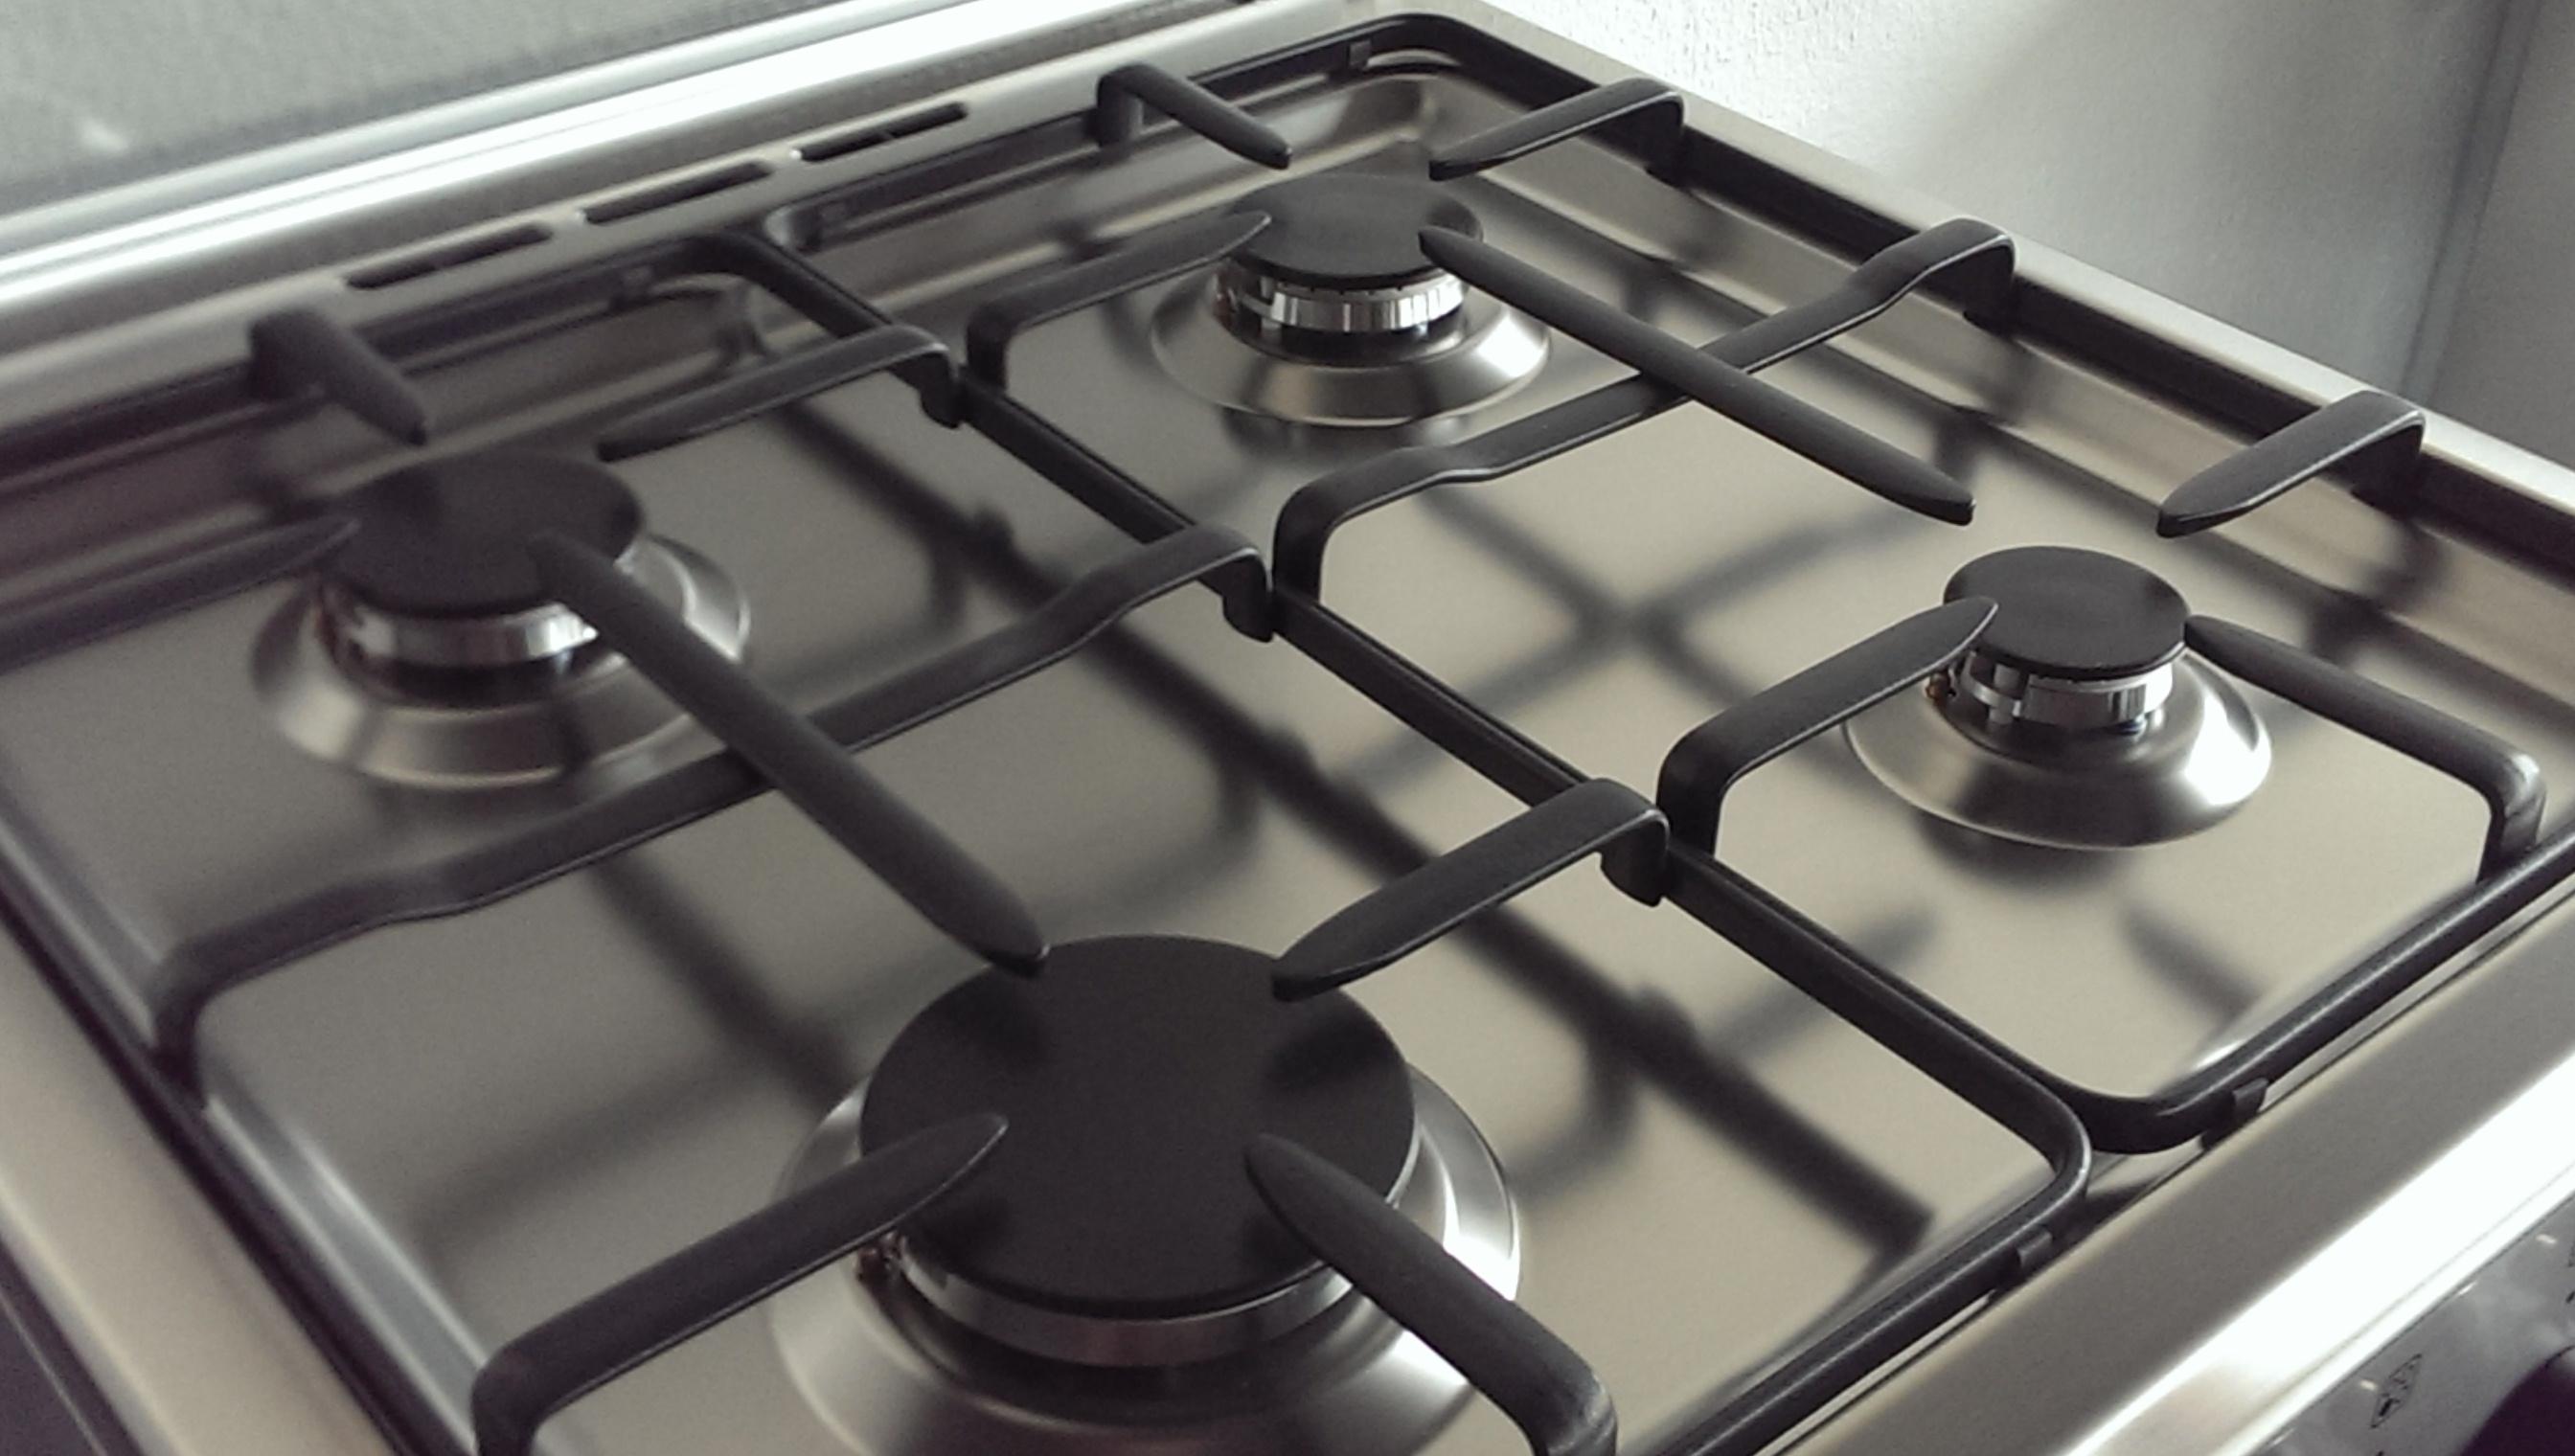 informationsseite h ttich lagermania tu64071cx gasherd mit gas umluft backofen. Black Bedroom Furniture Sets. Home Design Ideas